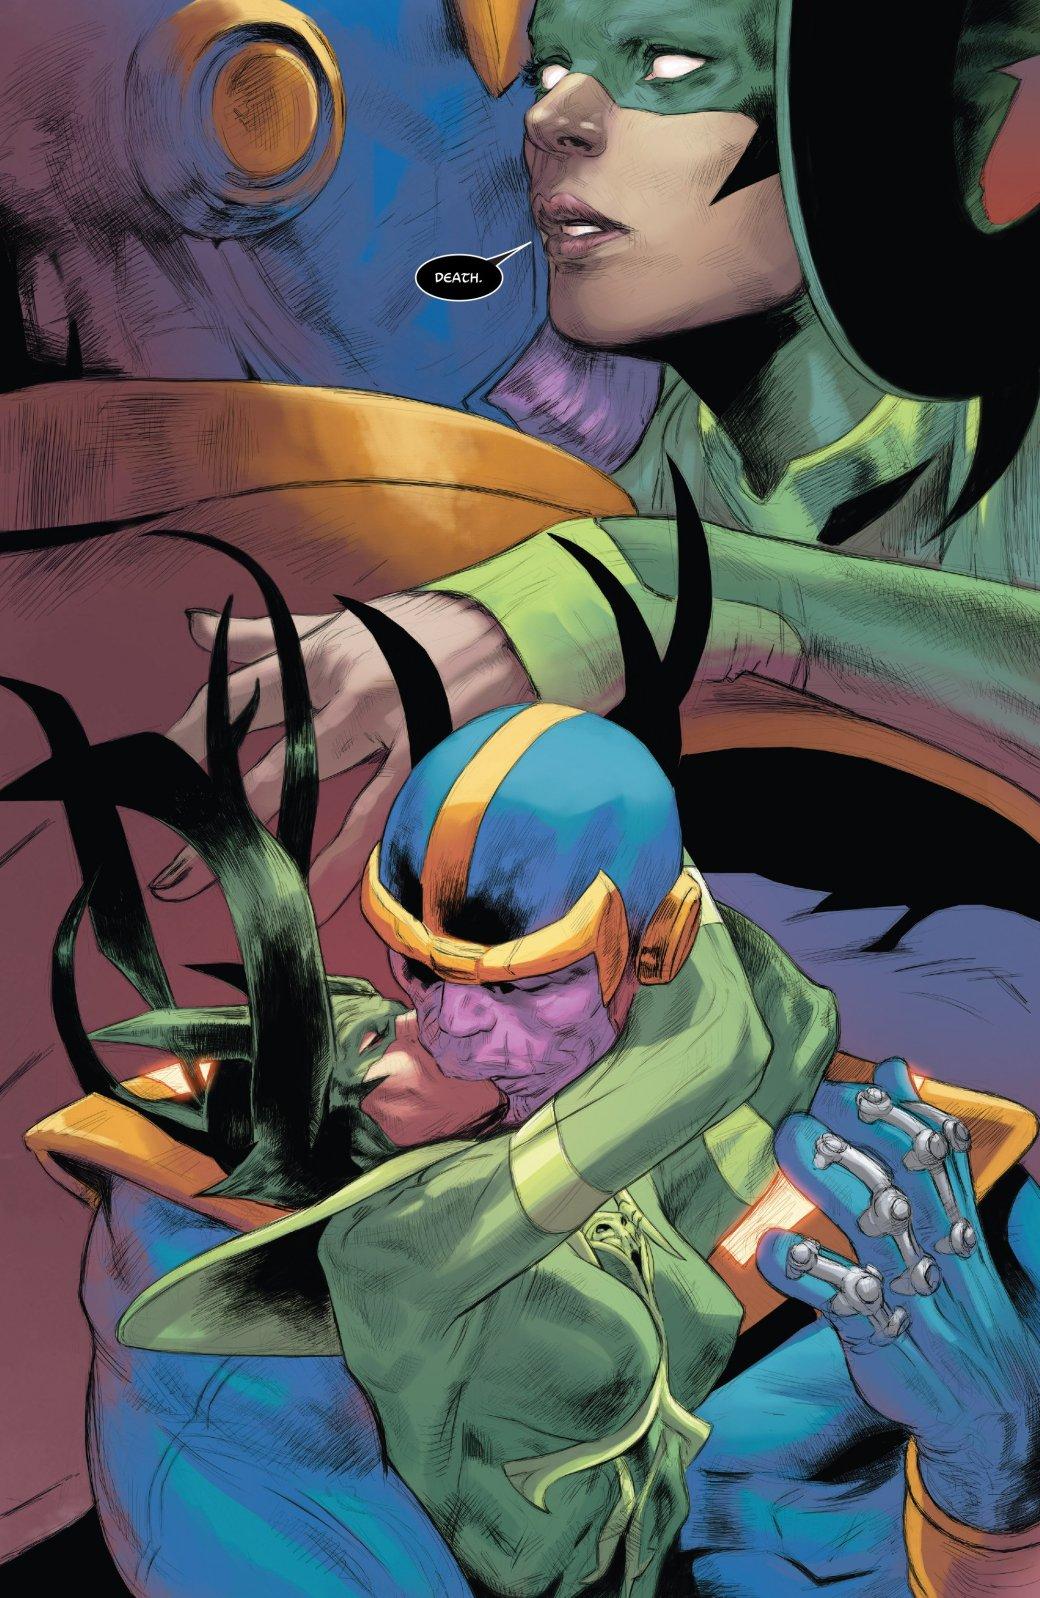 Безумный титан Танос нашел новую любовь   Канобу - Изображение 4580